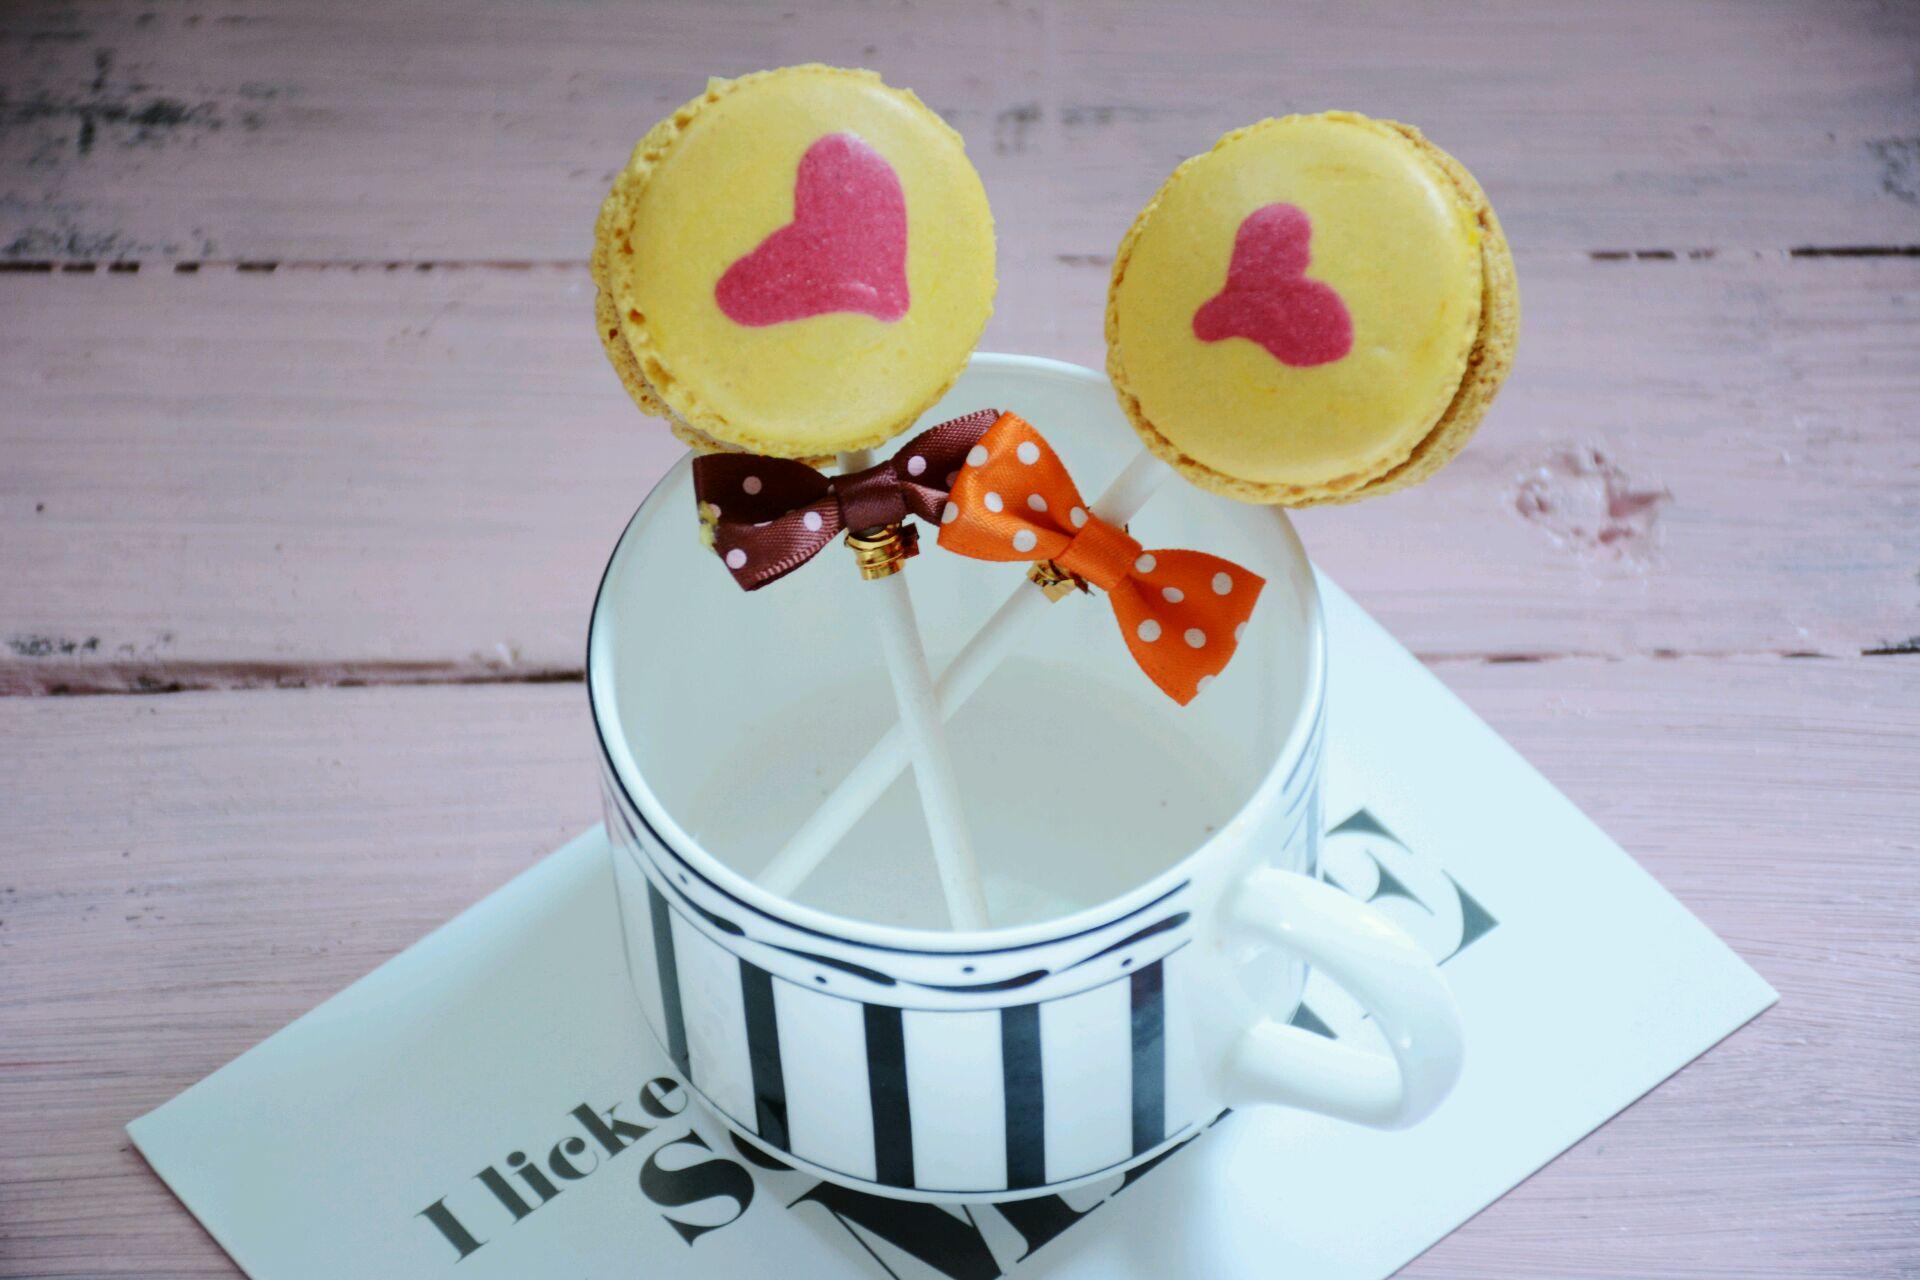 可爱的马卡龙爱心棒棒糖,酸酸甜甜的百香果搭配着焦糖味的棉花糖